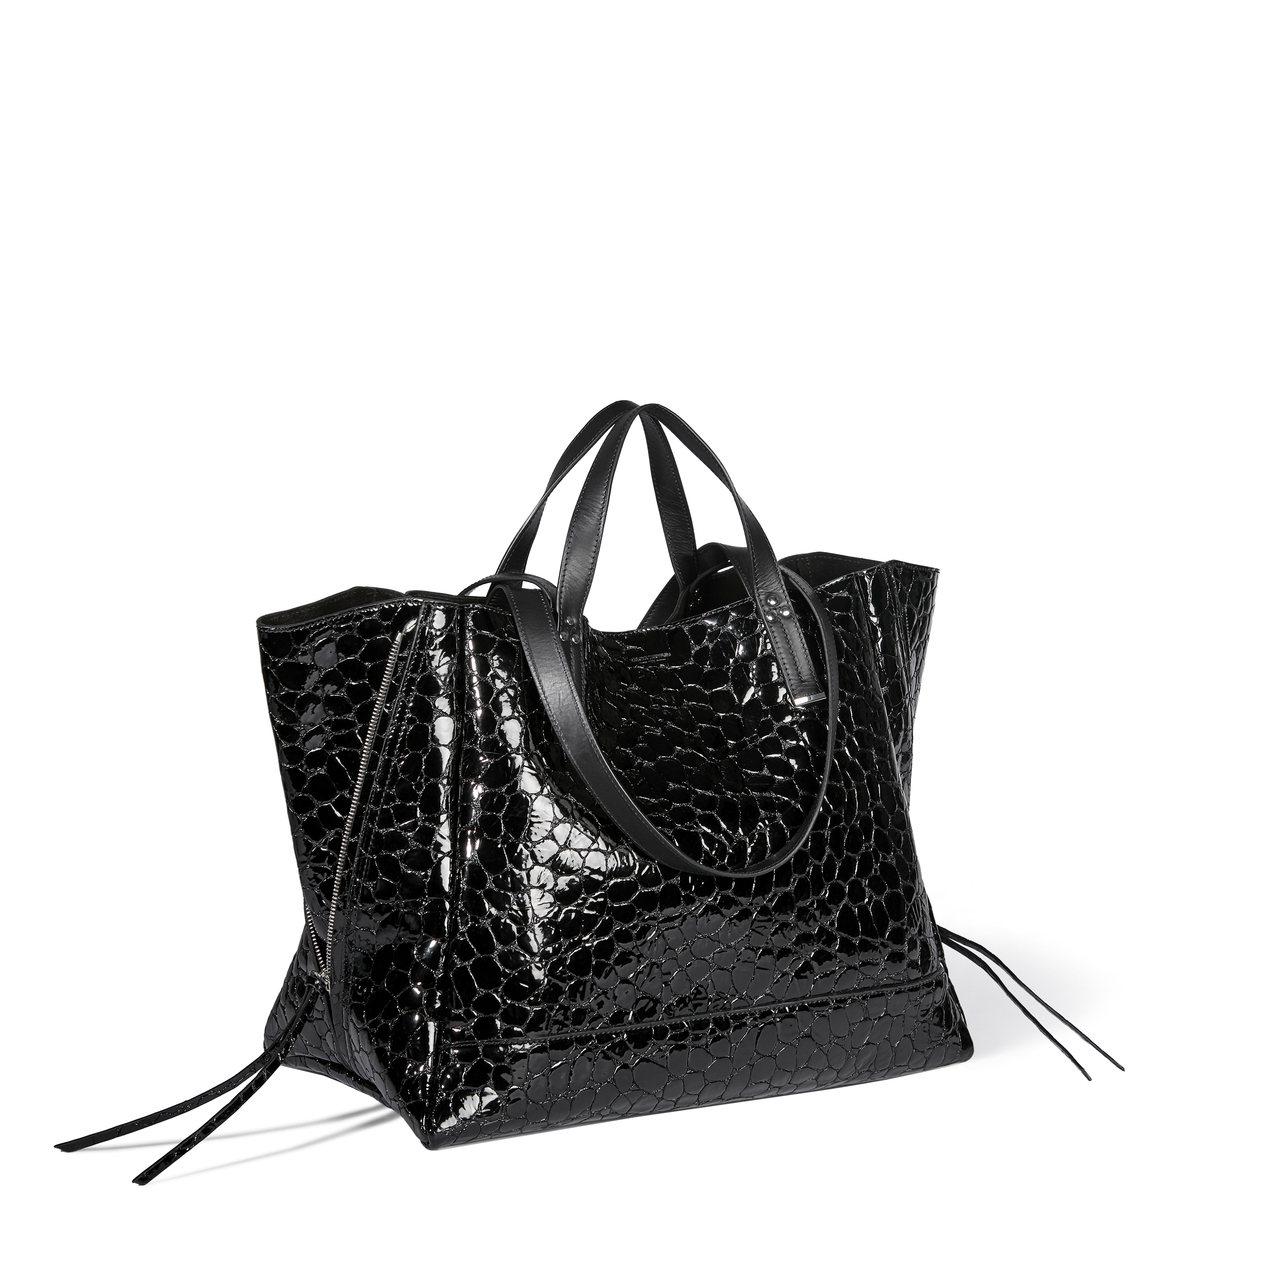 Georges炭晶黑鱷魚壓紋小羊皮手袋,售價46,800元。圖/Jérôme D...